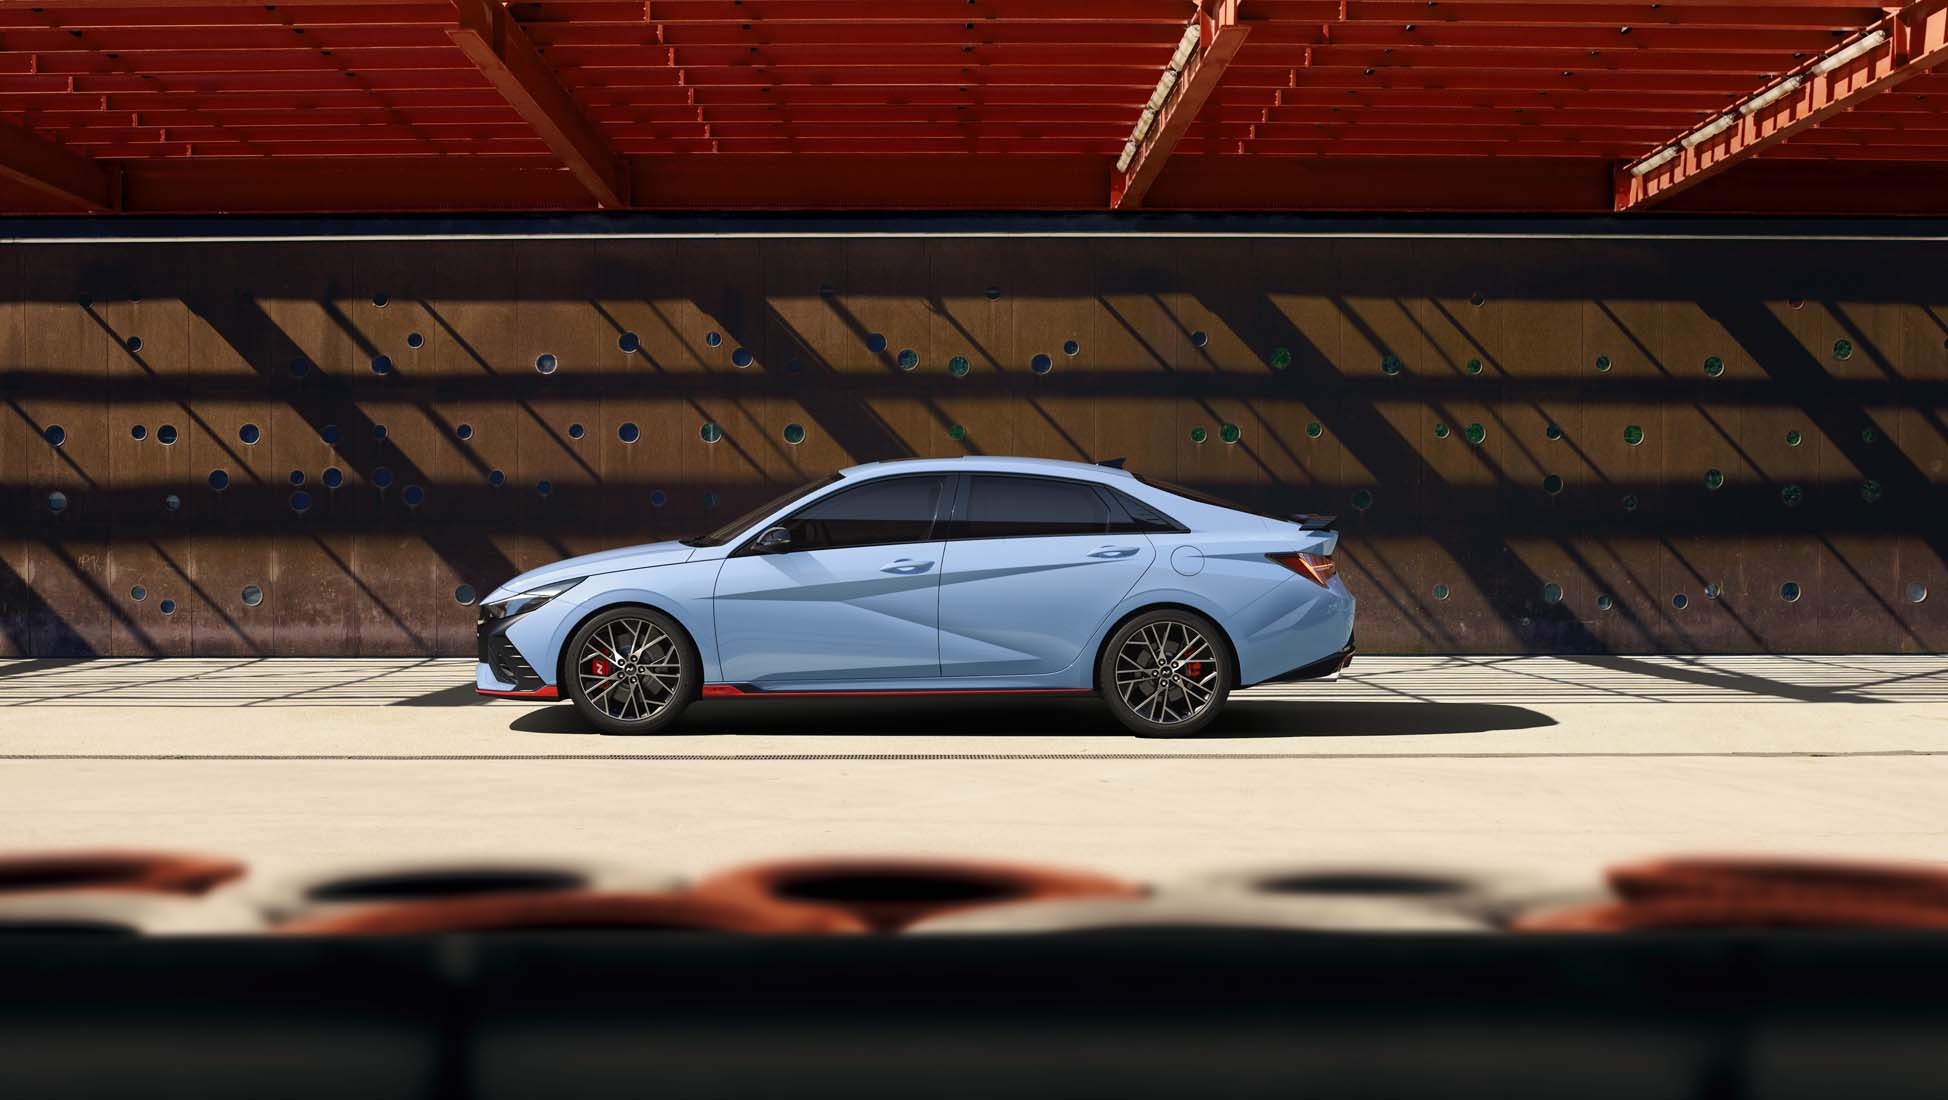 Hyundai unveils its Elantra N